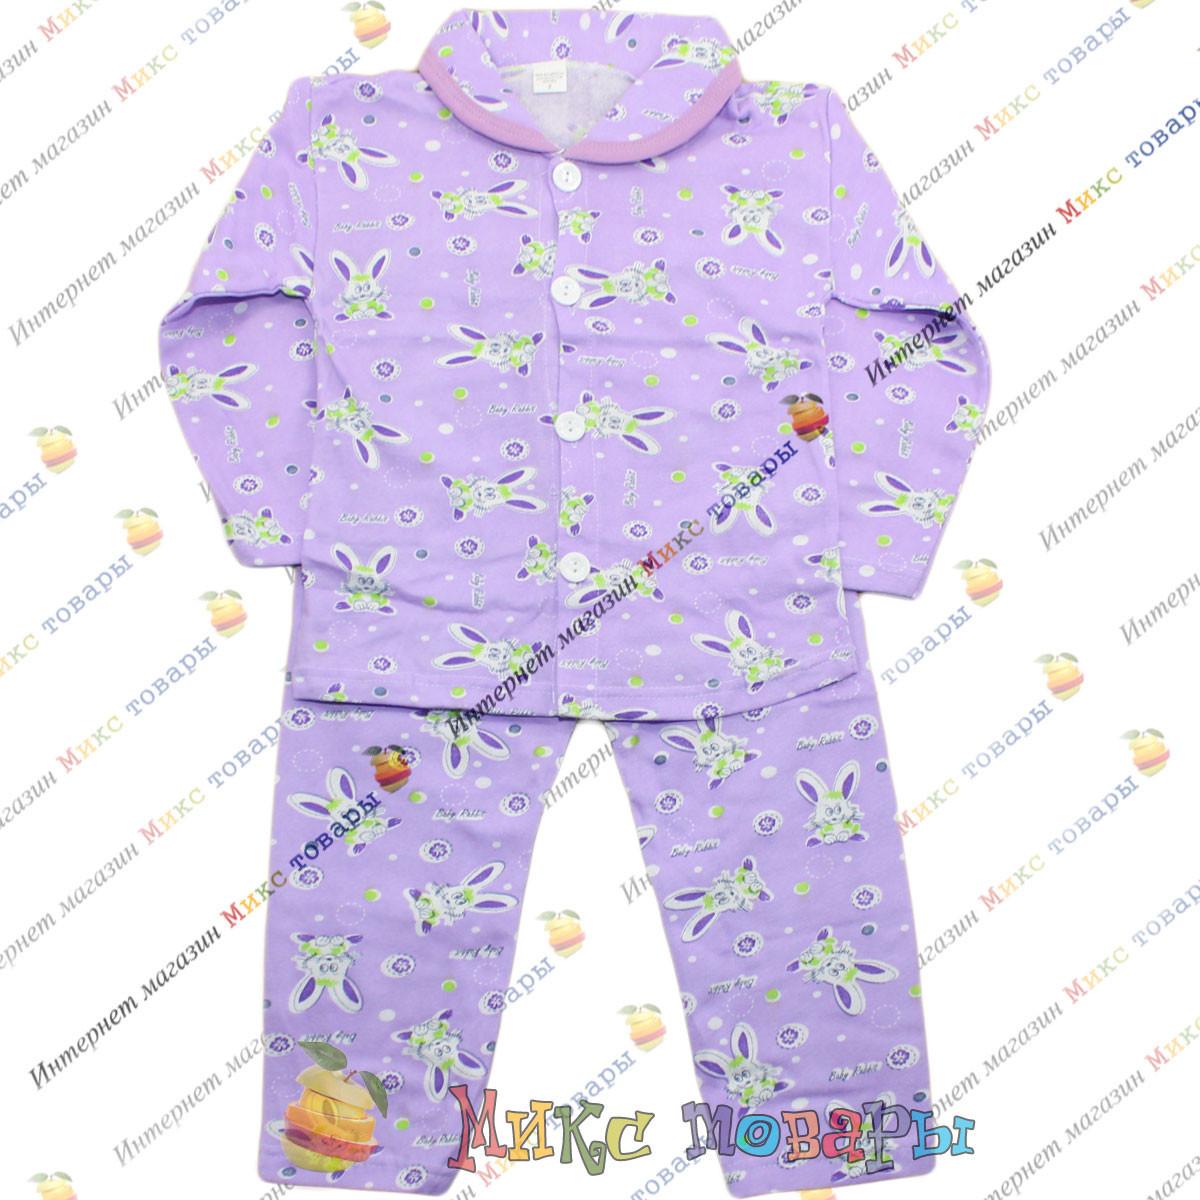 Пижамы Байка для девочек от 3 до 6 лет (3694-2)